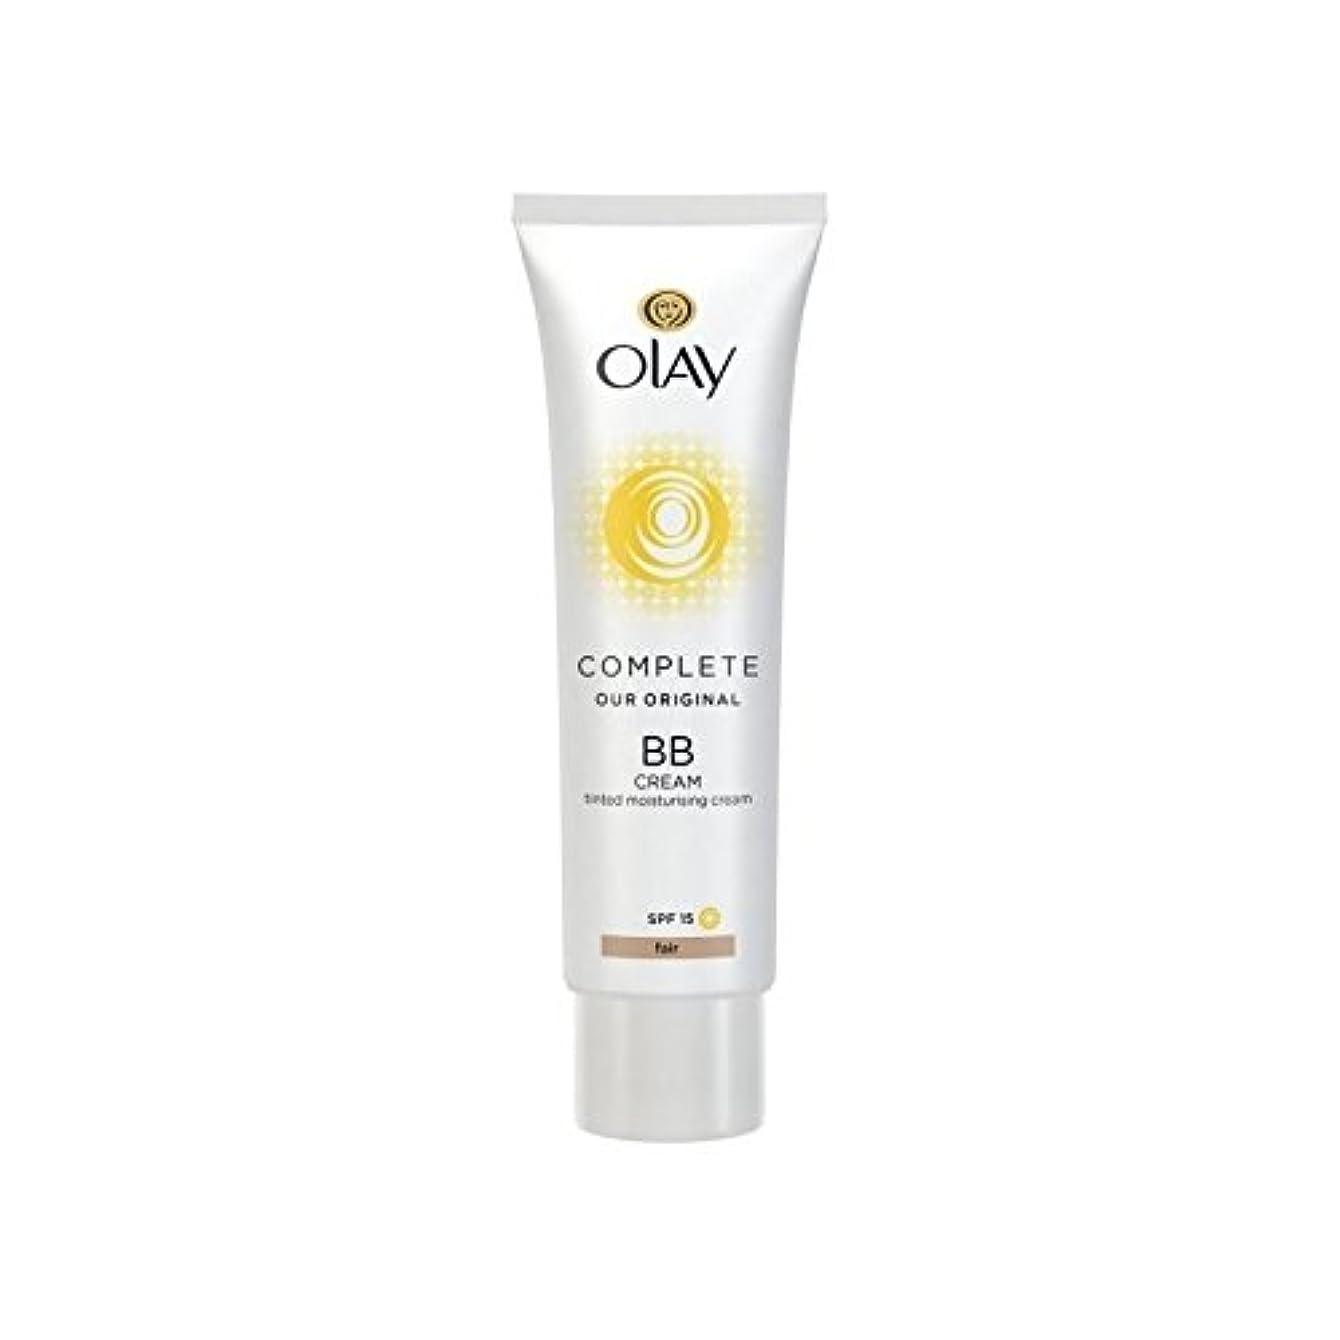 オーレイ完全なクリーム15フェアの50ミリリットル x2 - Olay Complete BB Cream Fair SPF15 50ml (Pack of 2) [並行輸入品]